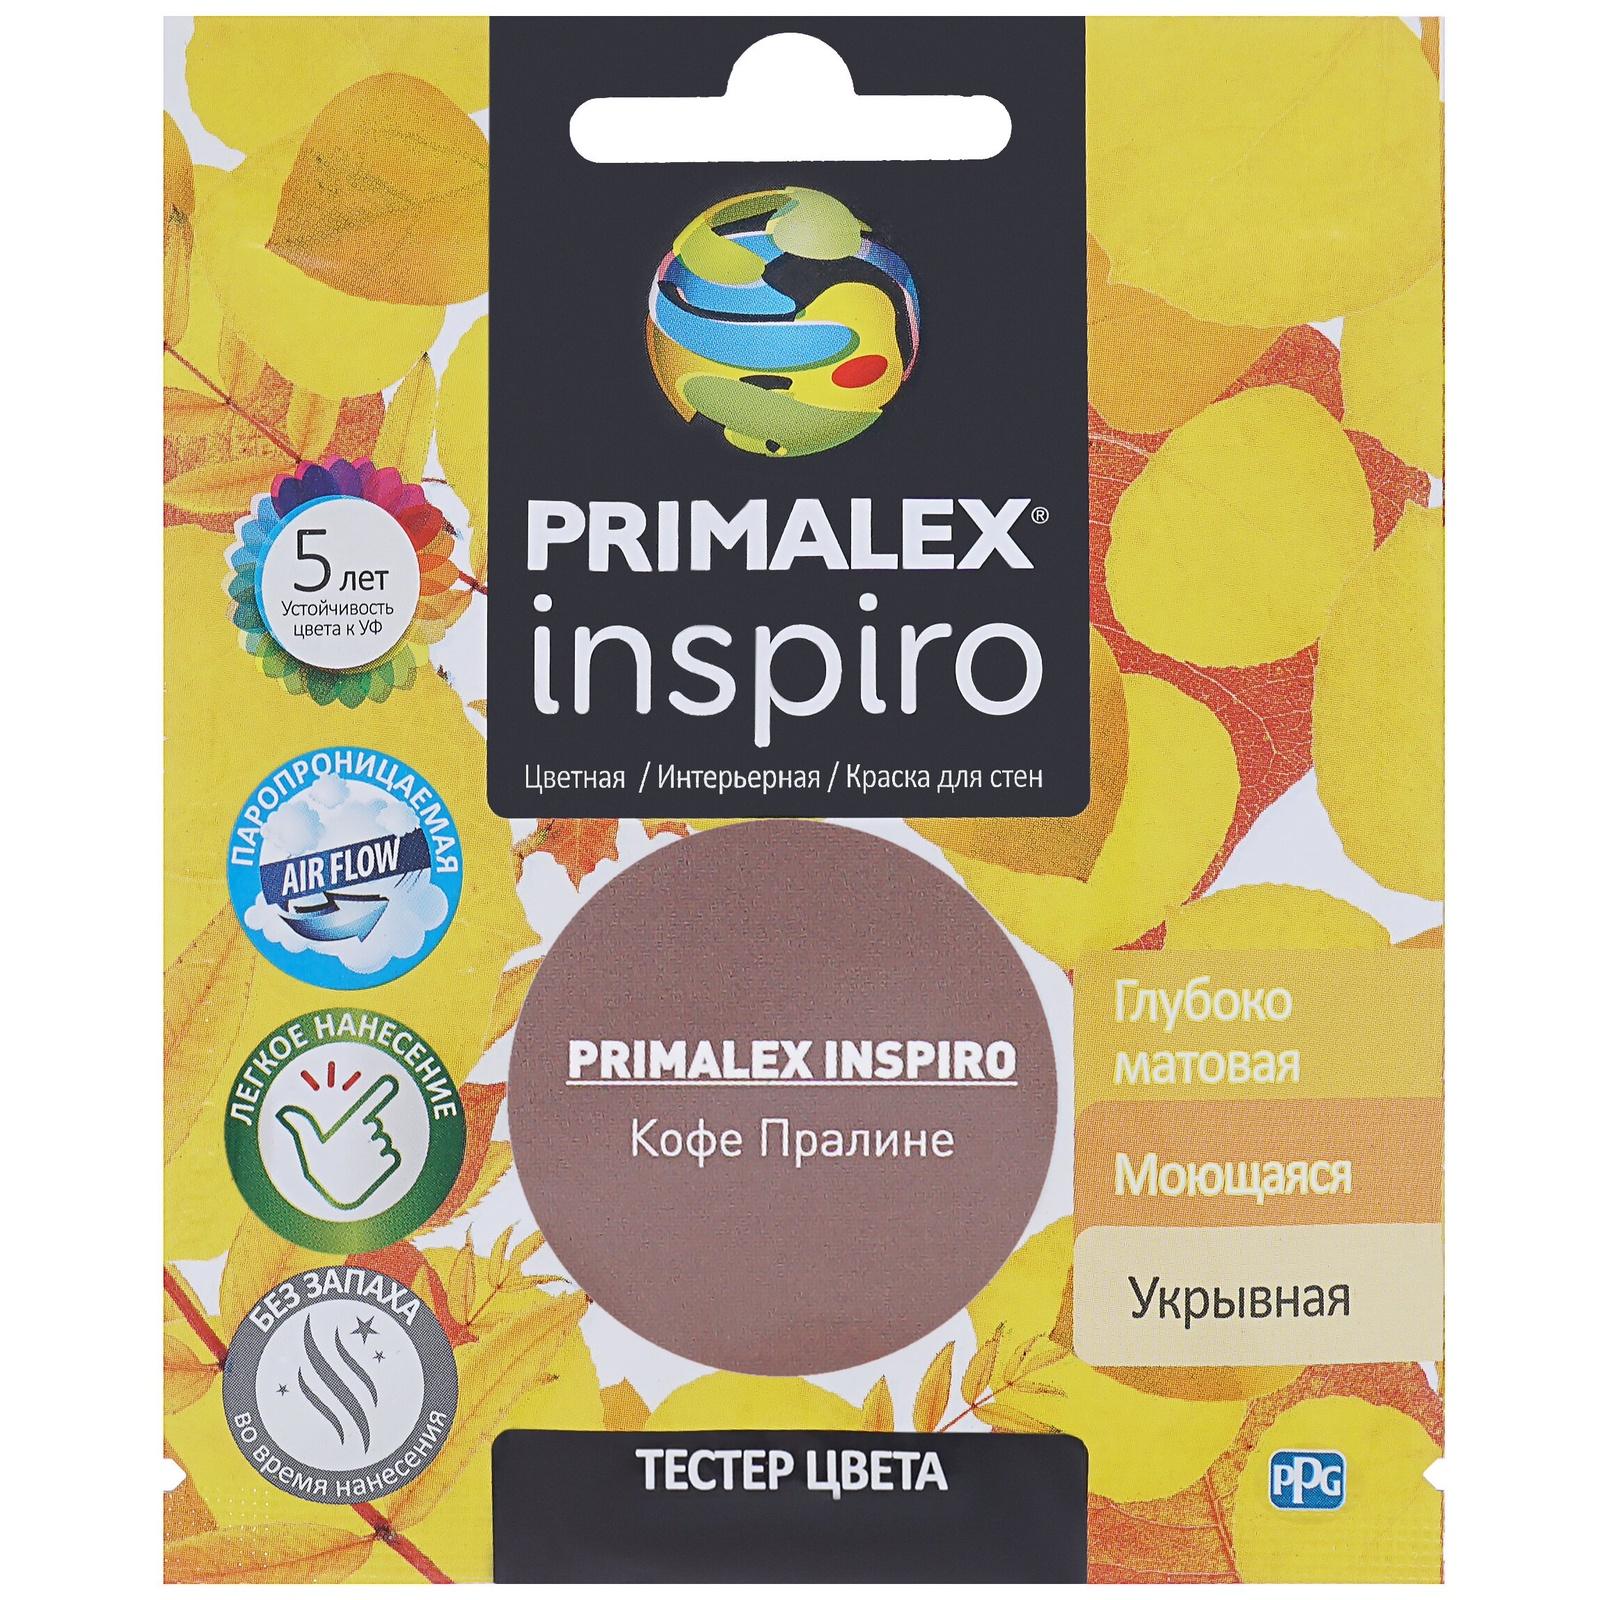 Краска PPG Primalex Inspiro Кофе Пралине 40мл краска ppg primalex inspiro красный мак 40мл pmx i47